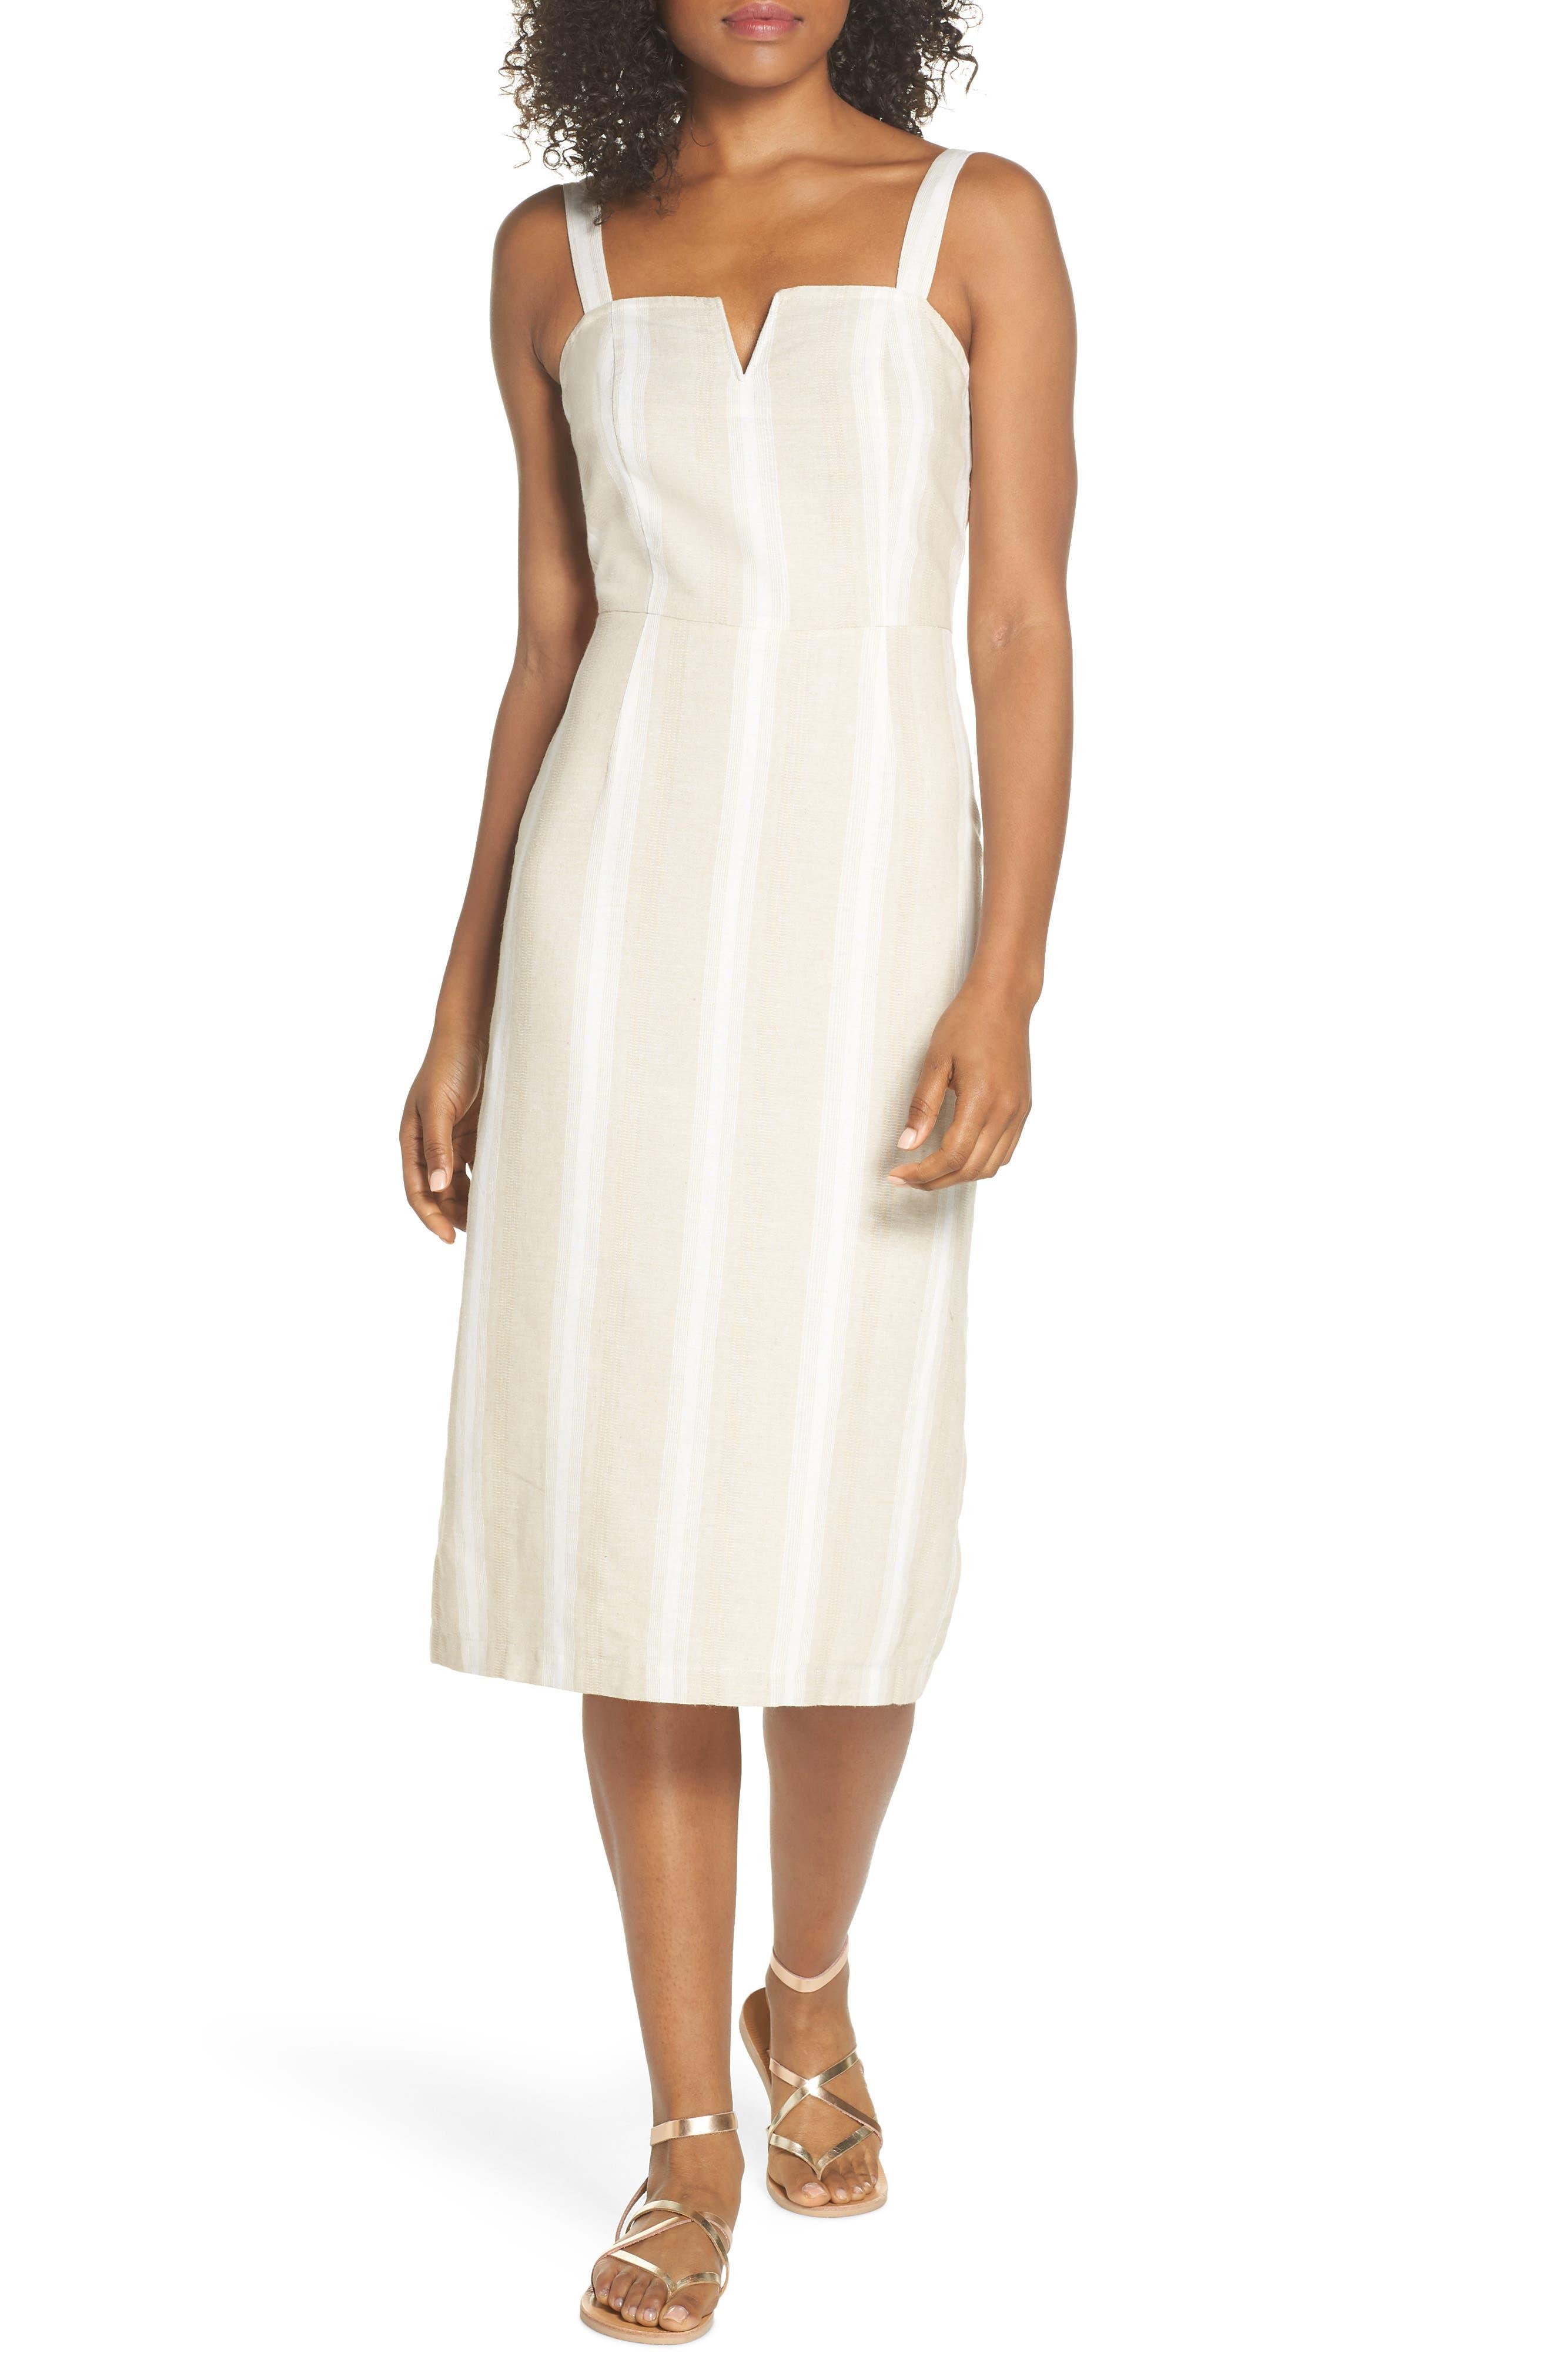 Peekabo Stripe Midi Dress,                             Main thumbnail 1, color,                             250